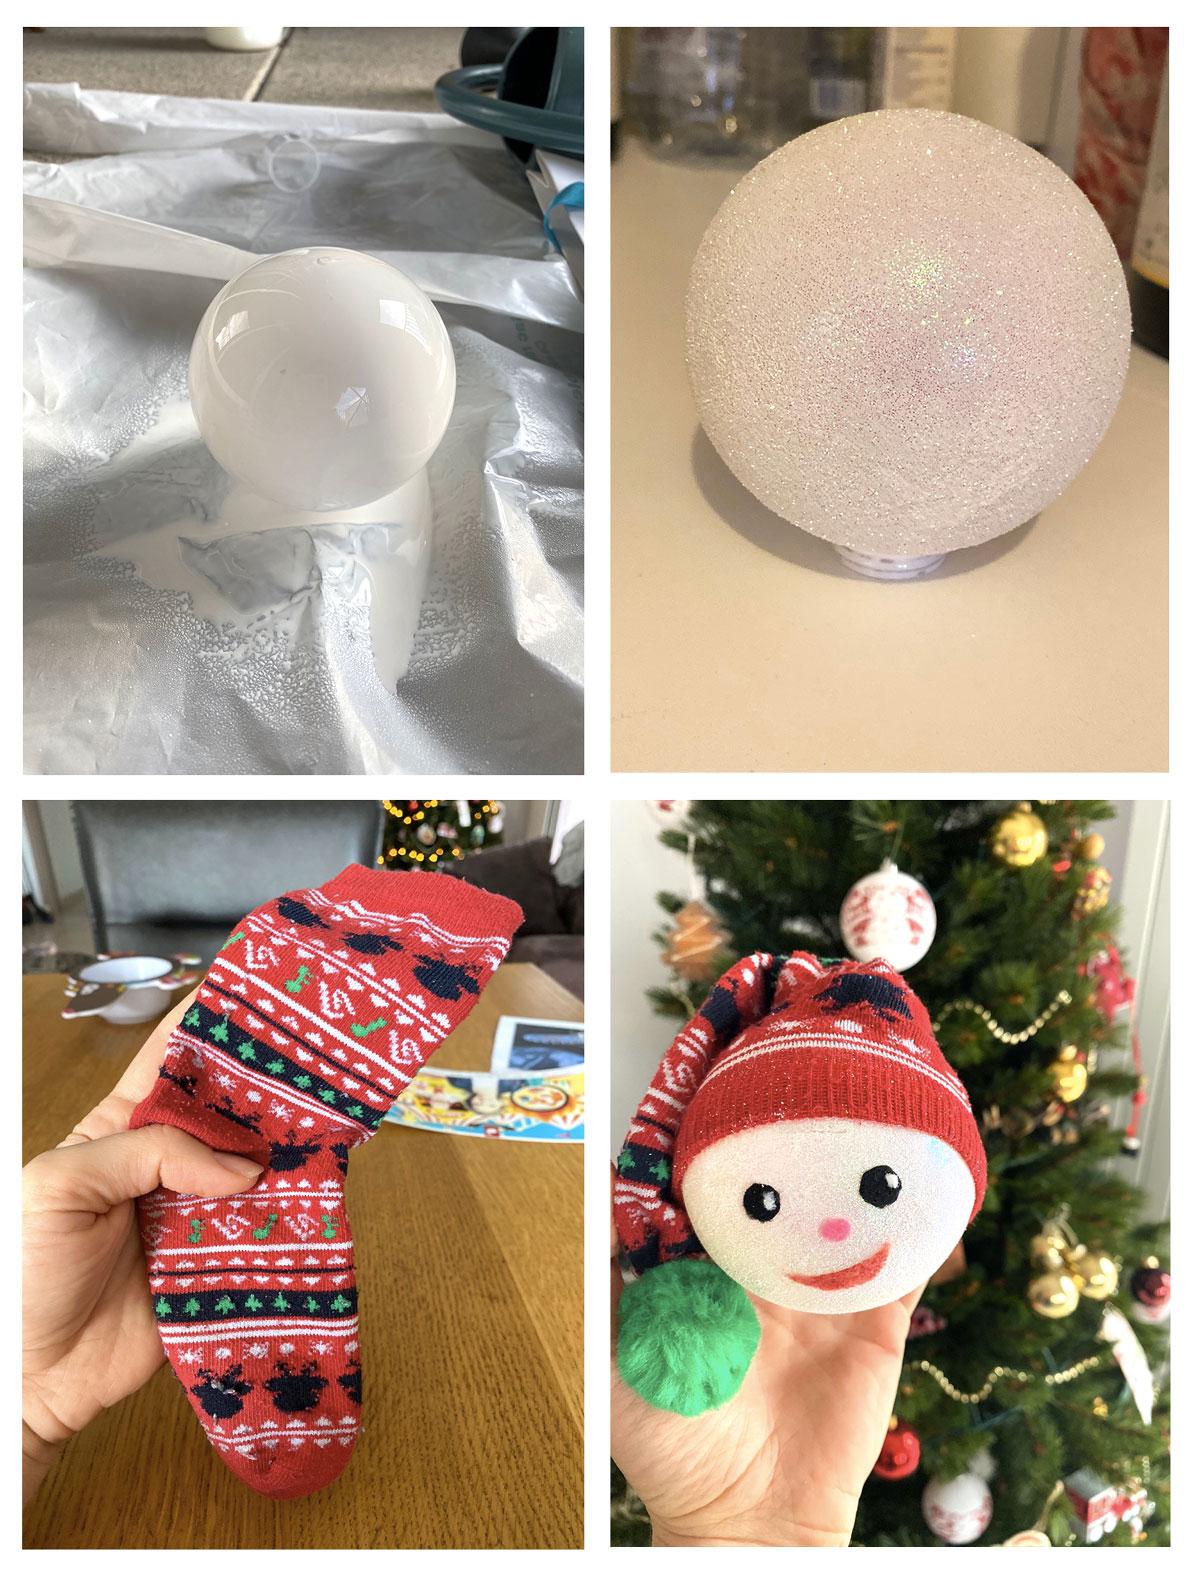 DIY comment créer une boule de Noël petit lutin